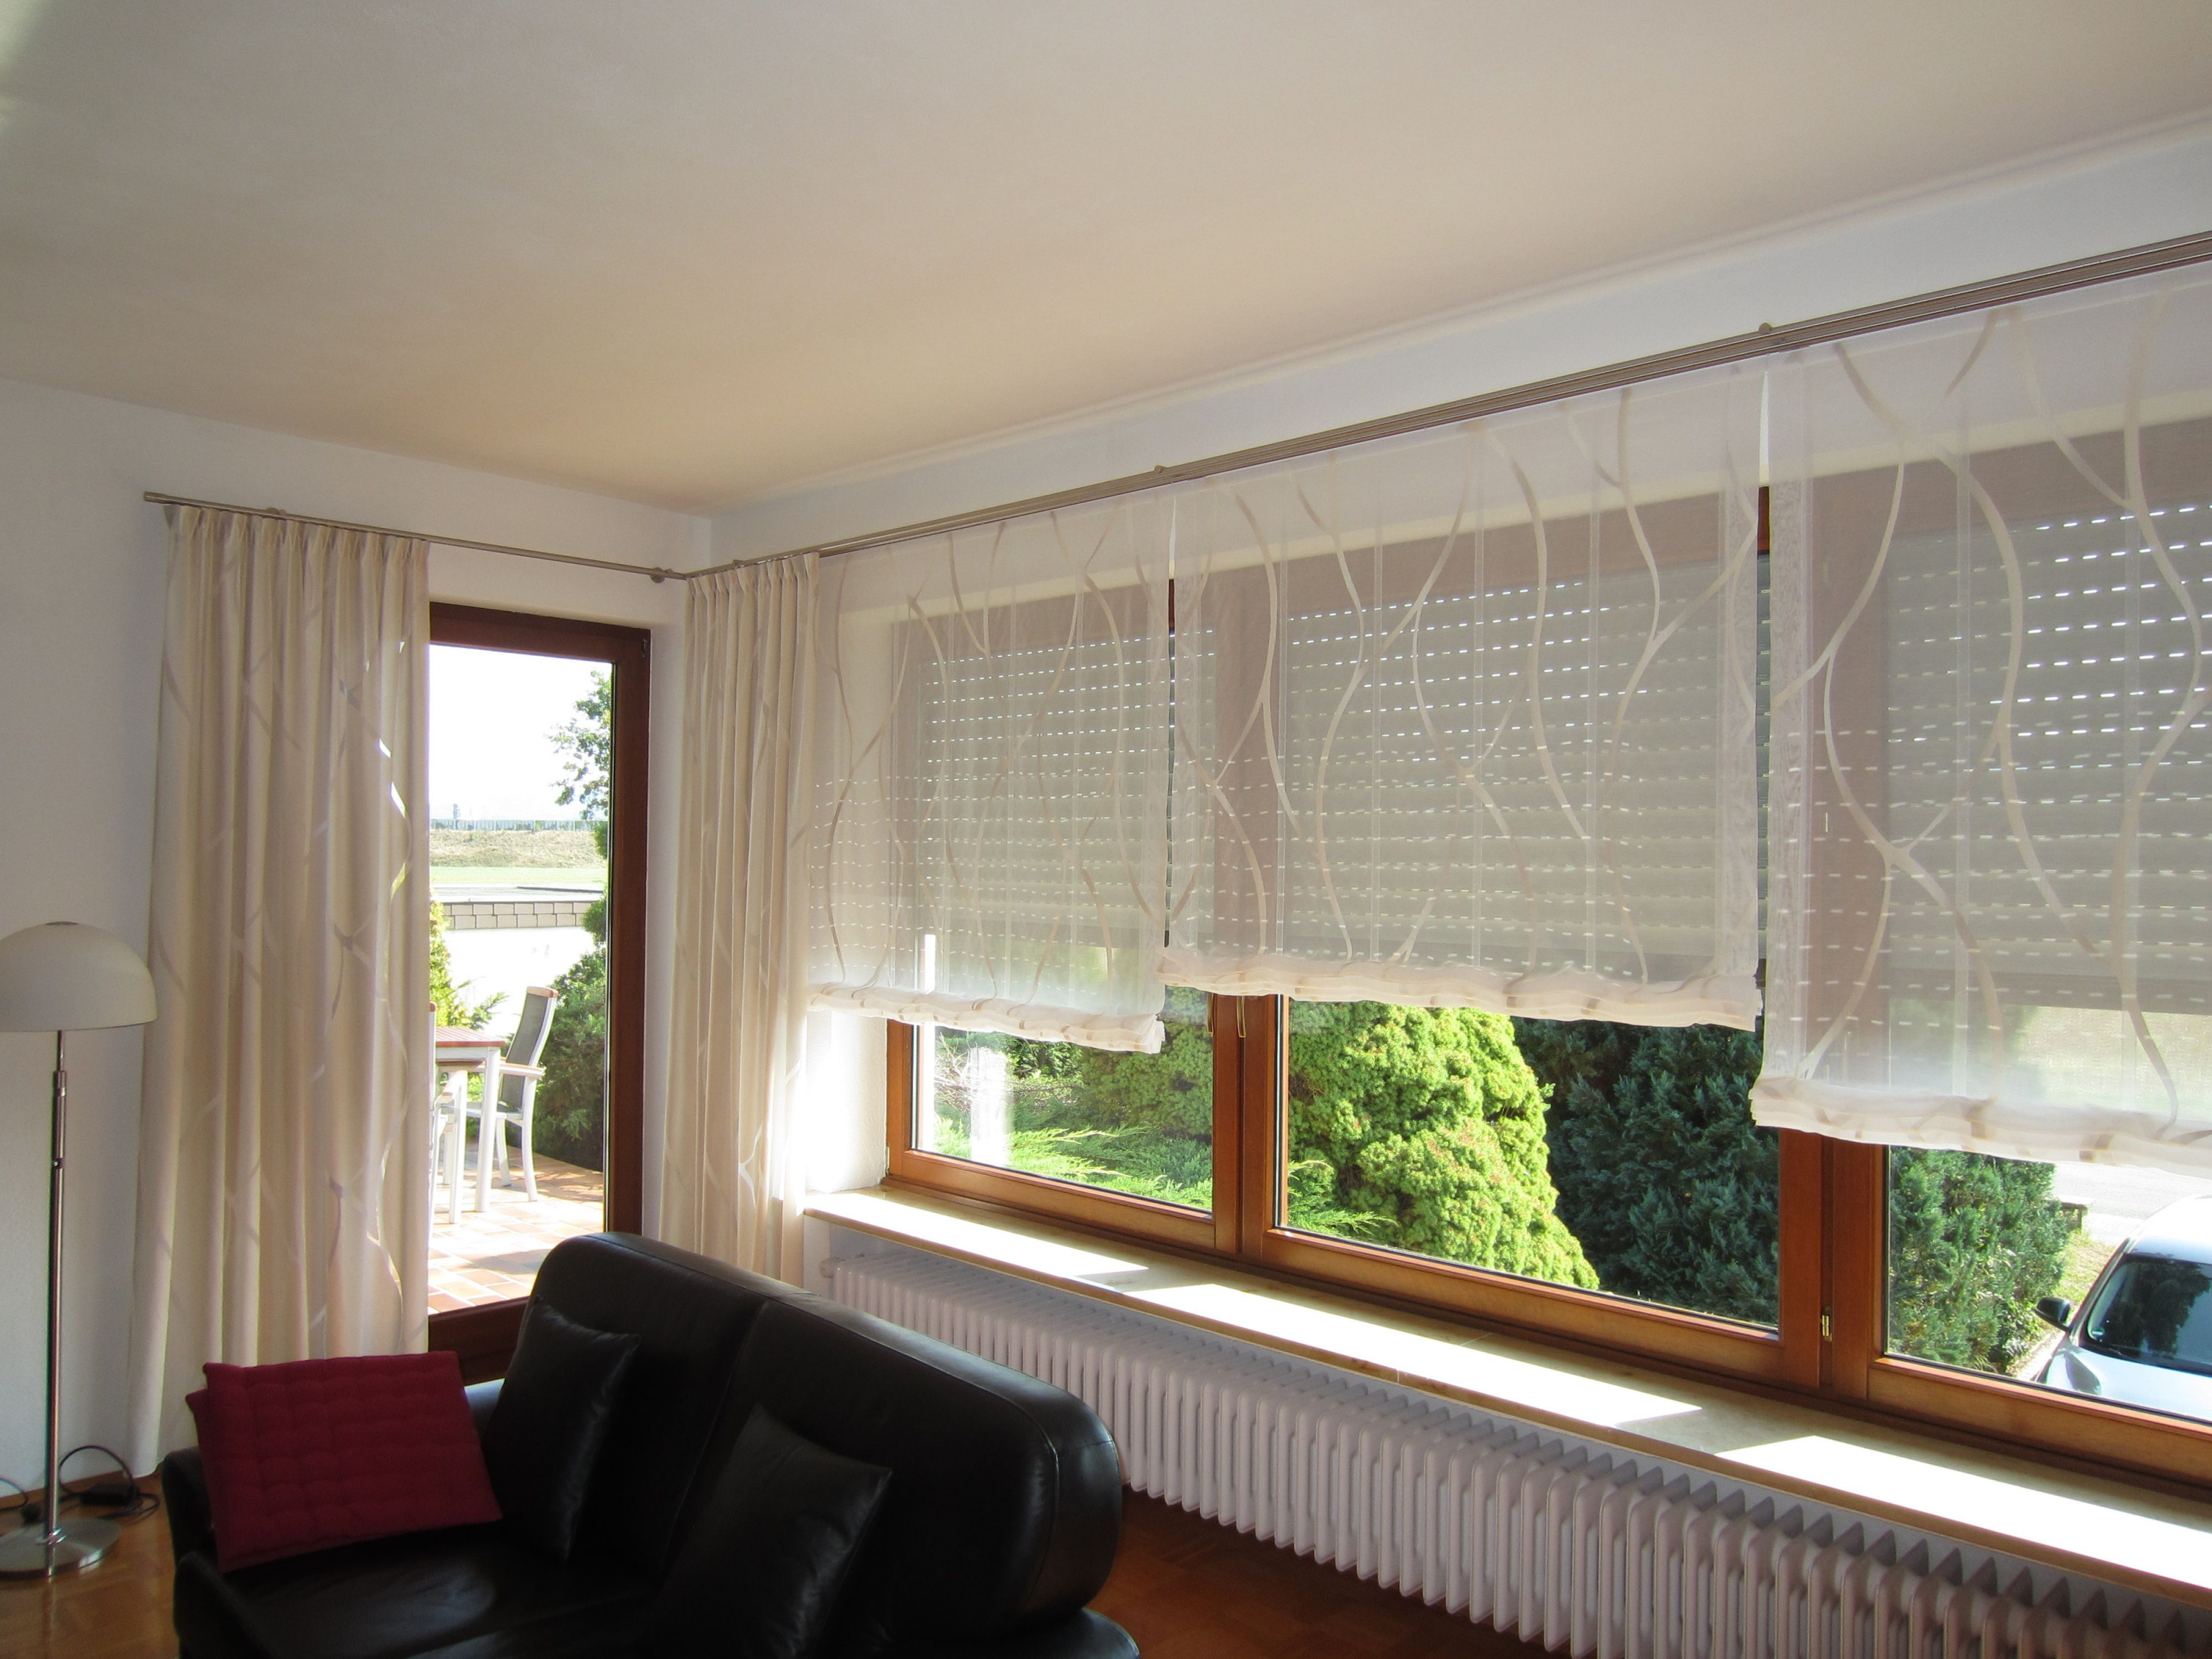 Gardinen  Vorhänge Für Die Kreise Lichtenfels Kulmbach von Gardinen Dekorationsvorschläge Wohnzimmer Photo